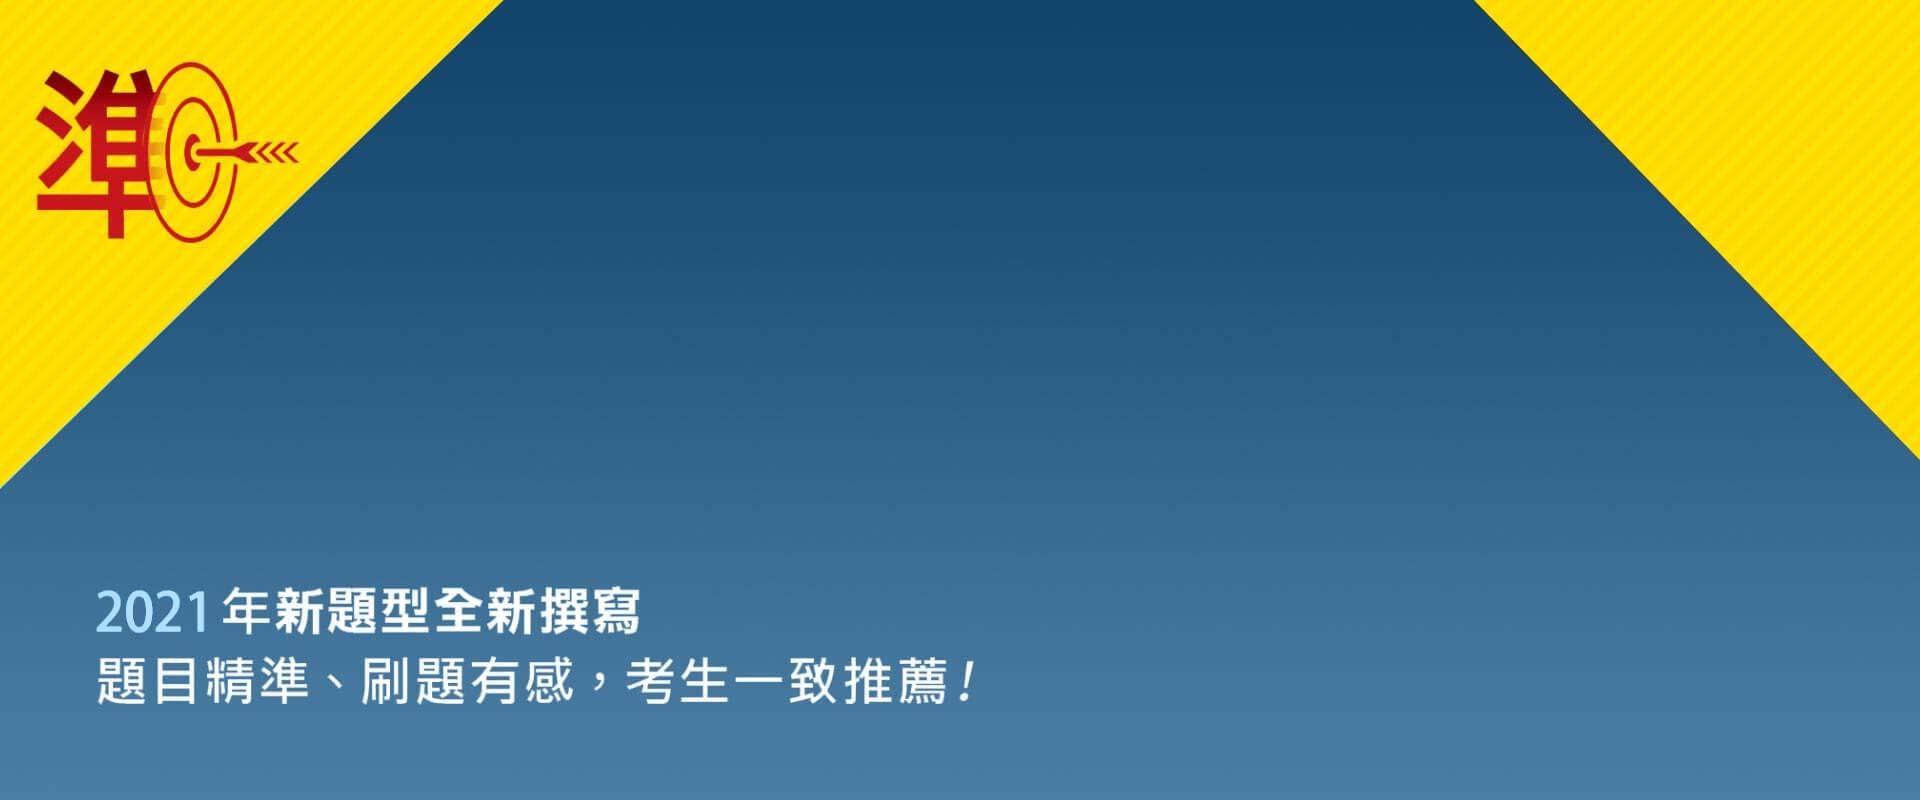 準!GEPT新制全民英檢初級初試10回全真模擬試題+翻譯解答(聽力&閱讀)